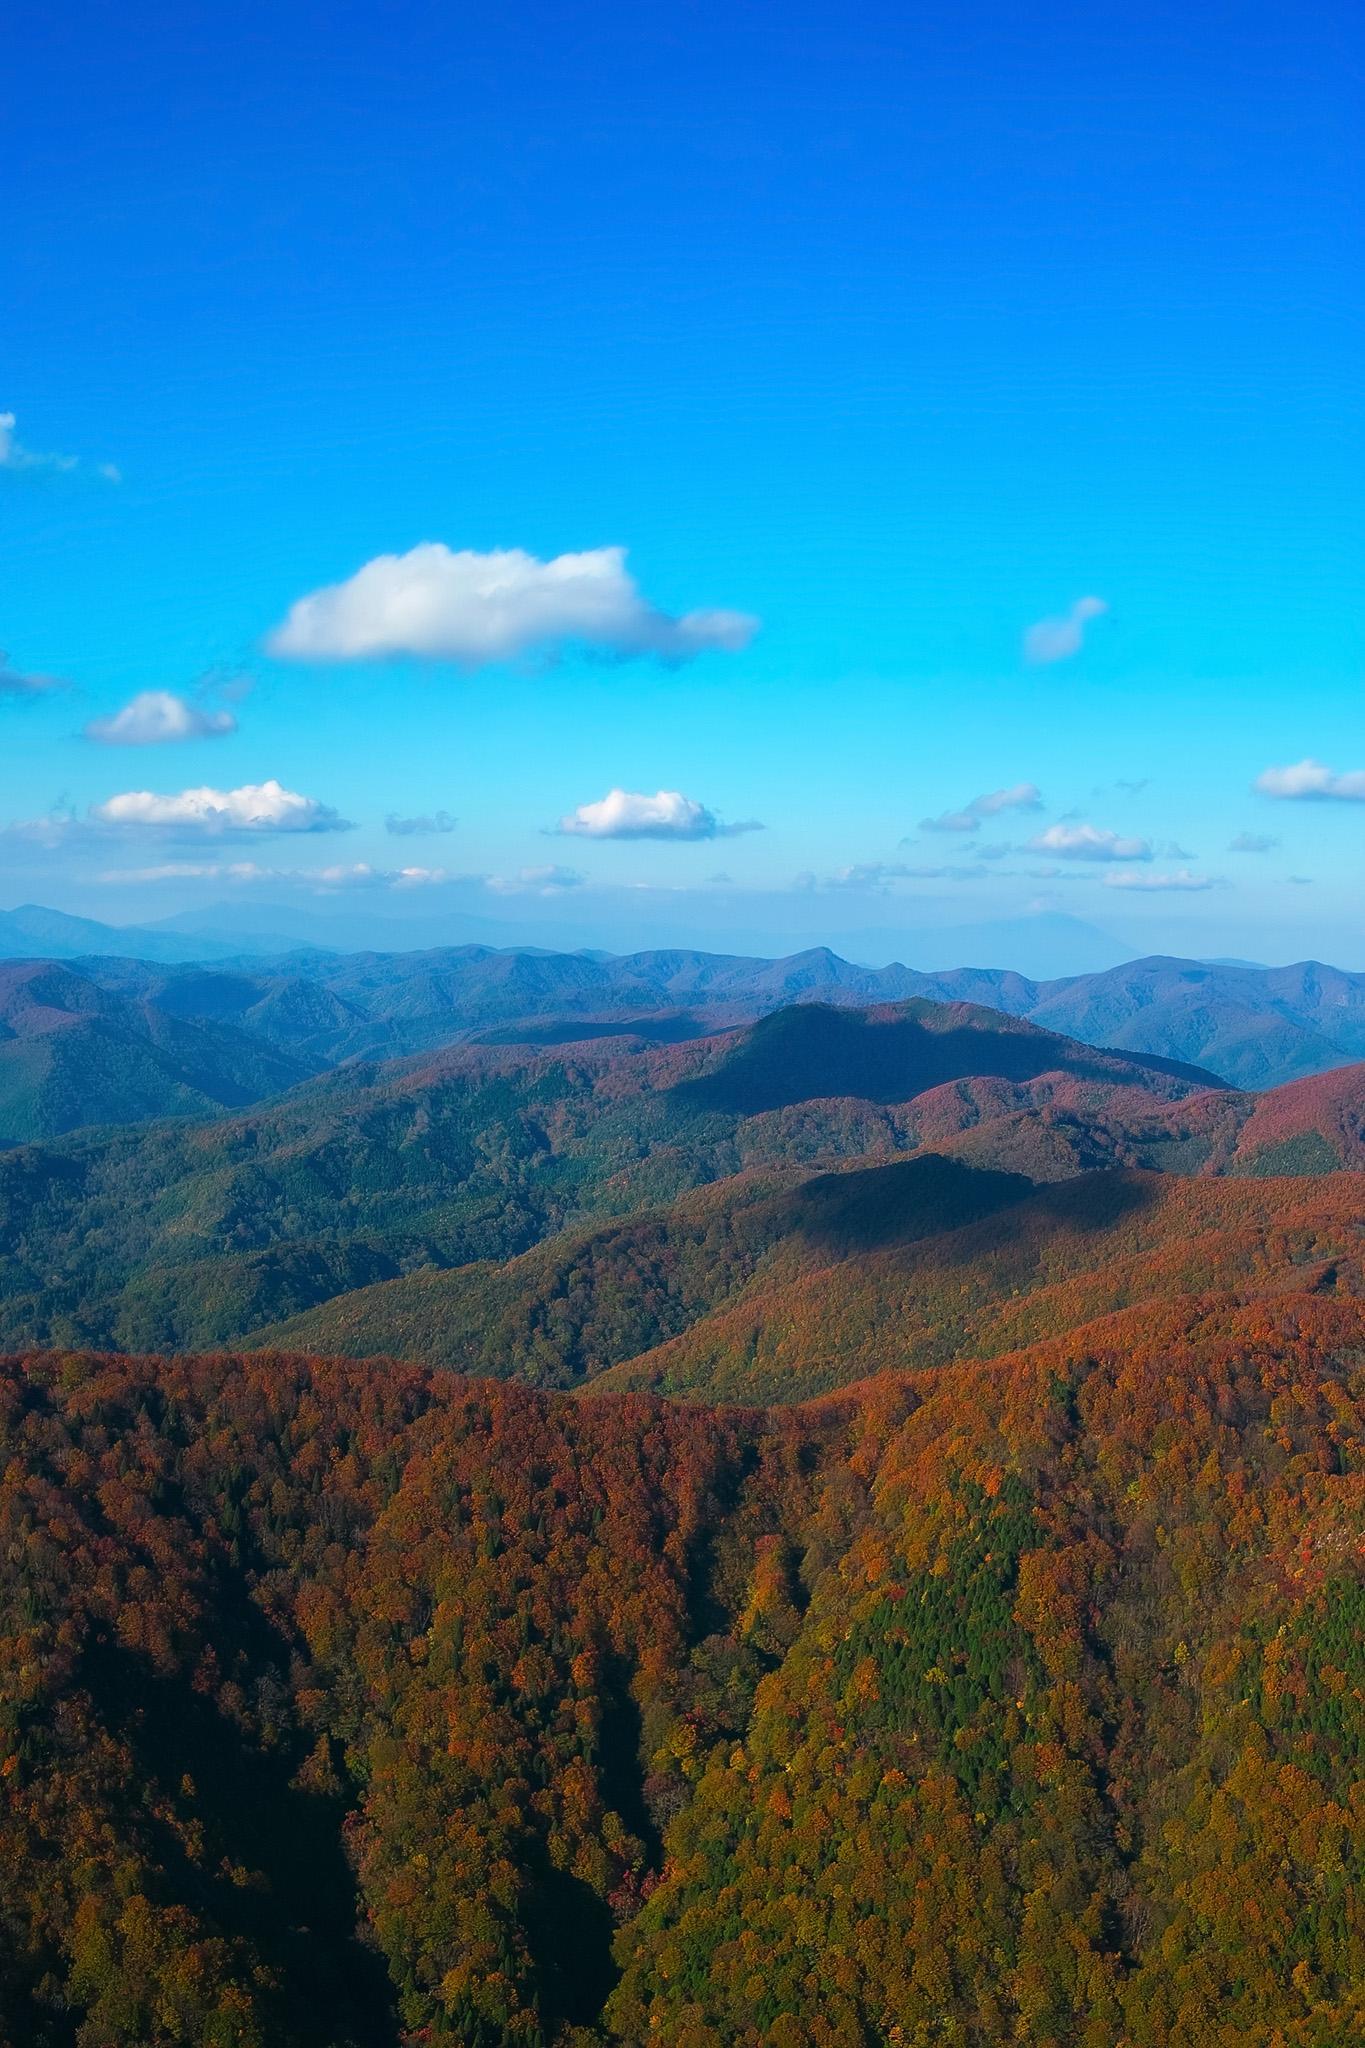 「山と空」の画像を無料ダウンロード